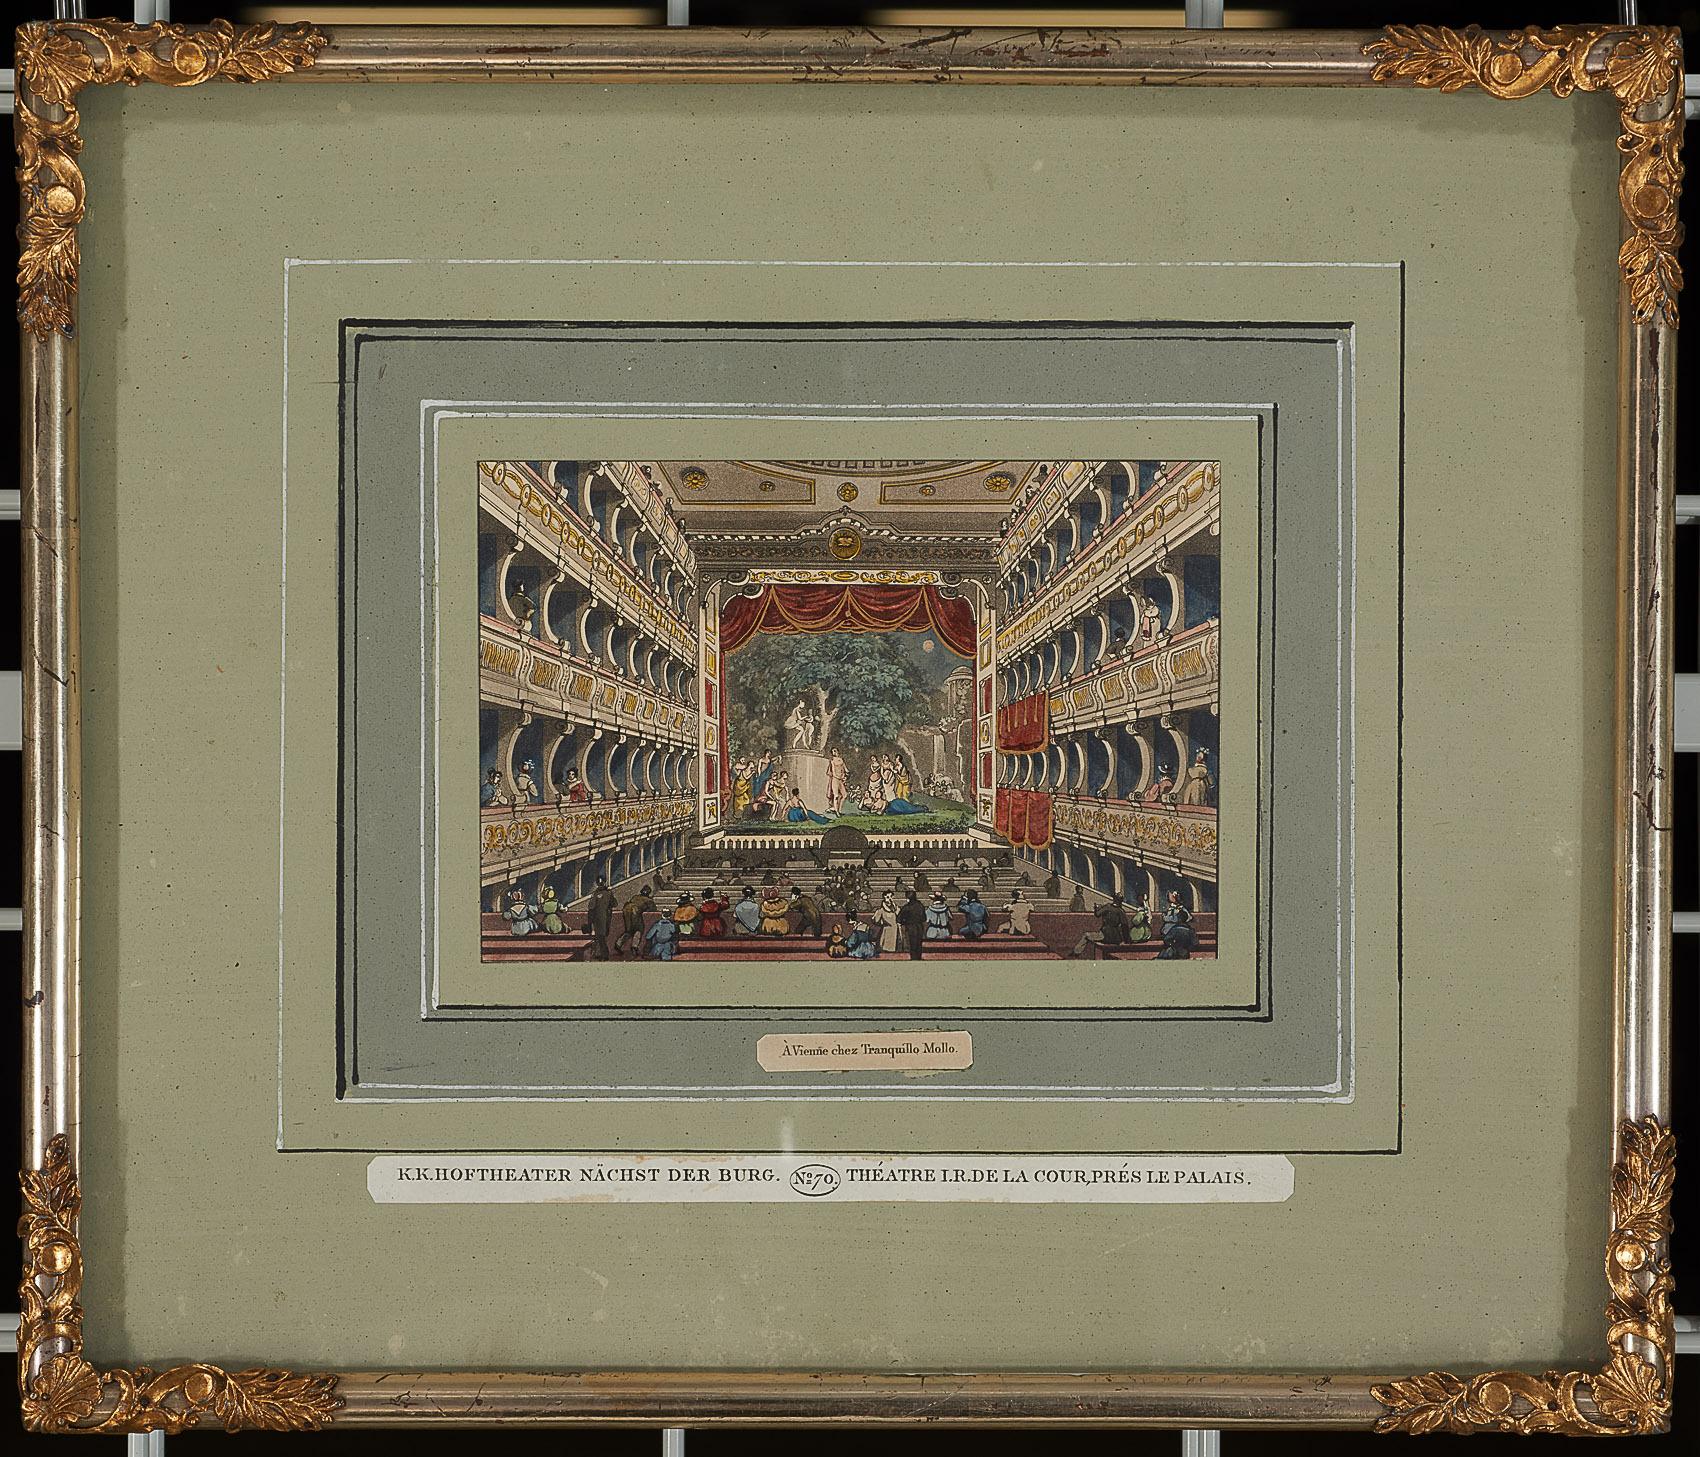 K.K. Hoftheater nächst der Burg von Altes Burgtheater